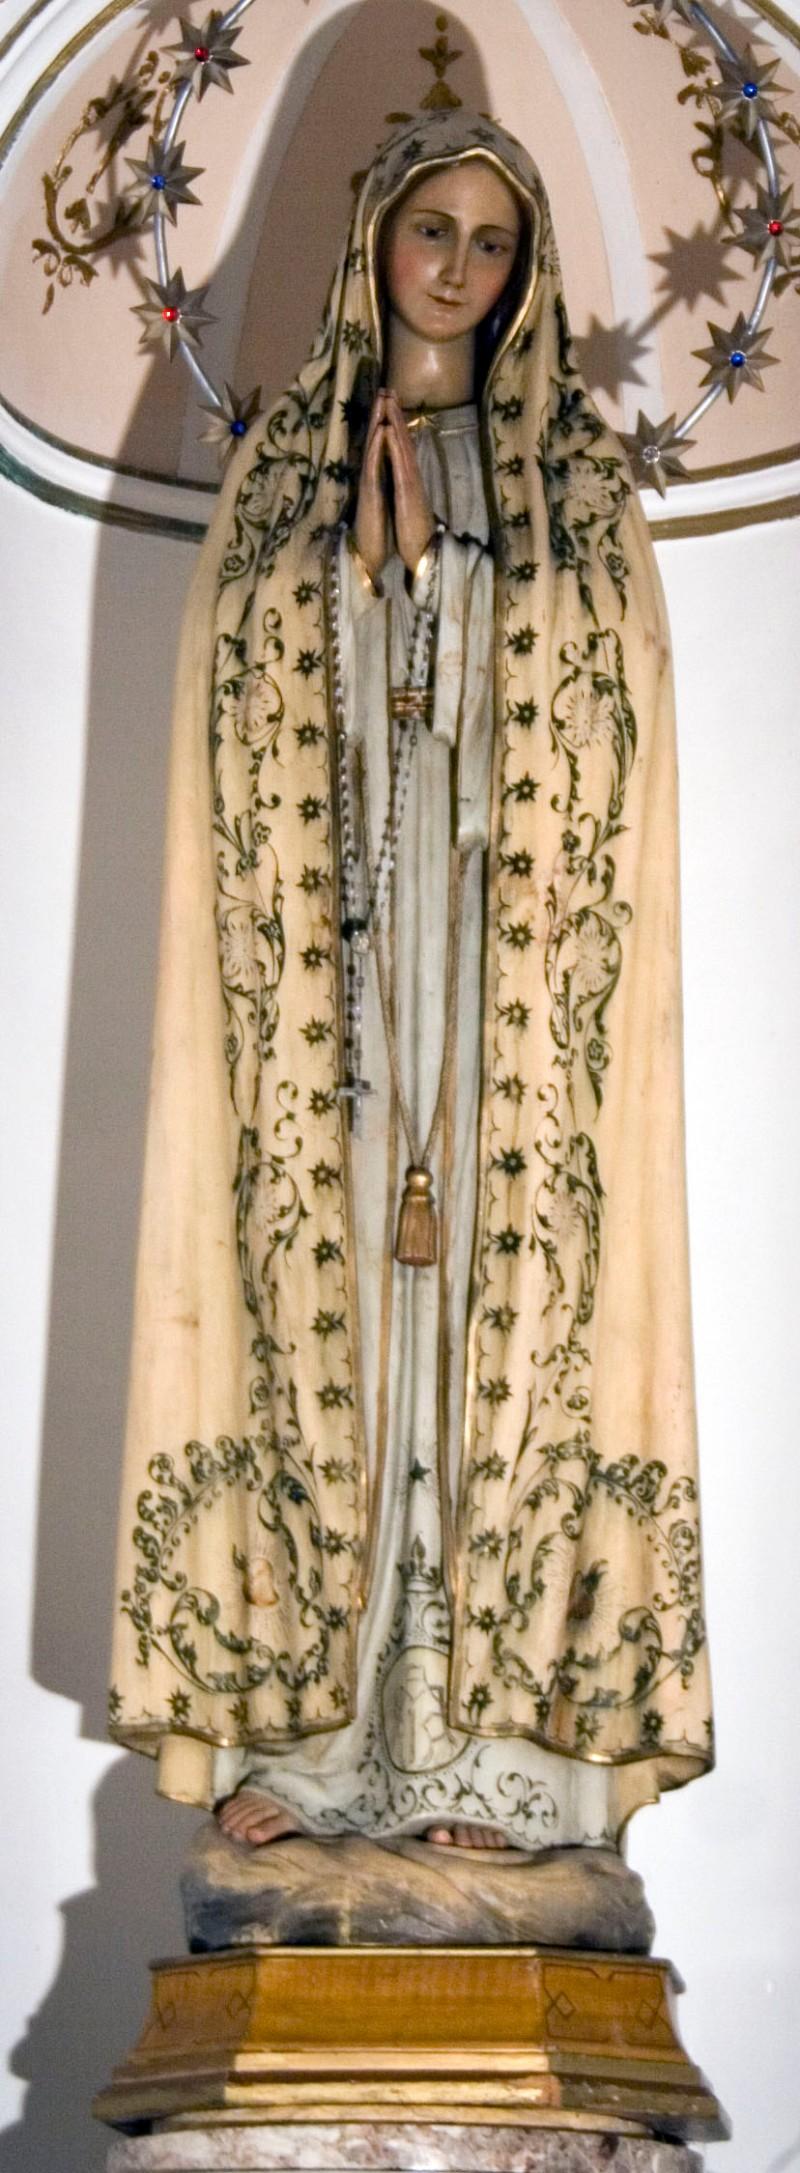 Ambito italiano sec. XX, Madonna di Fatima